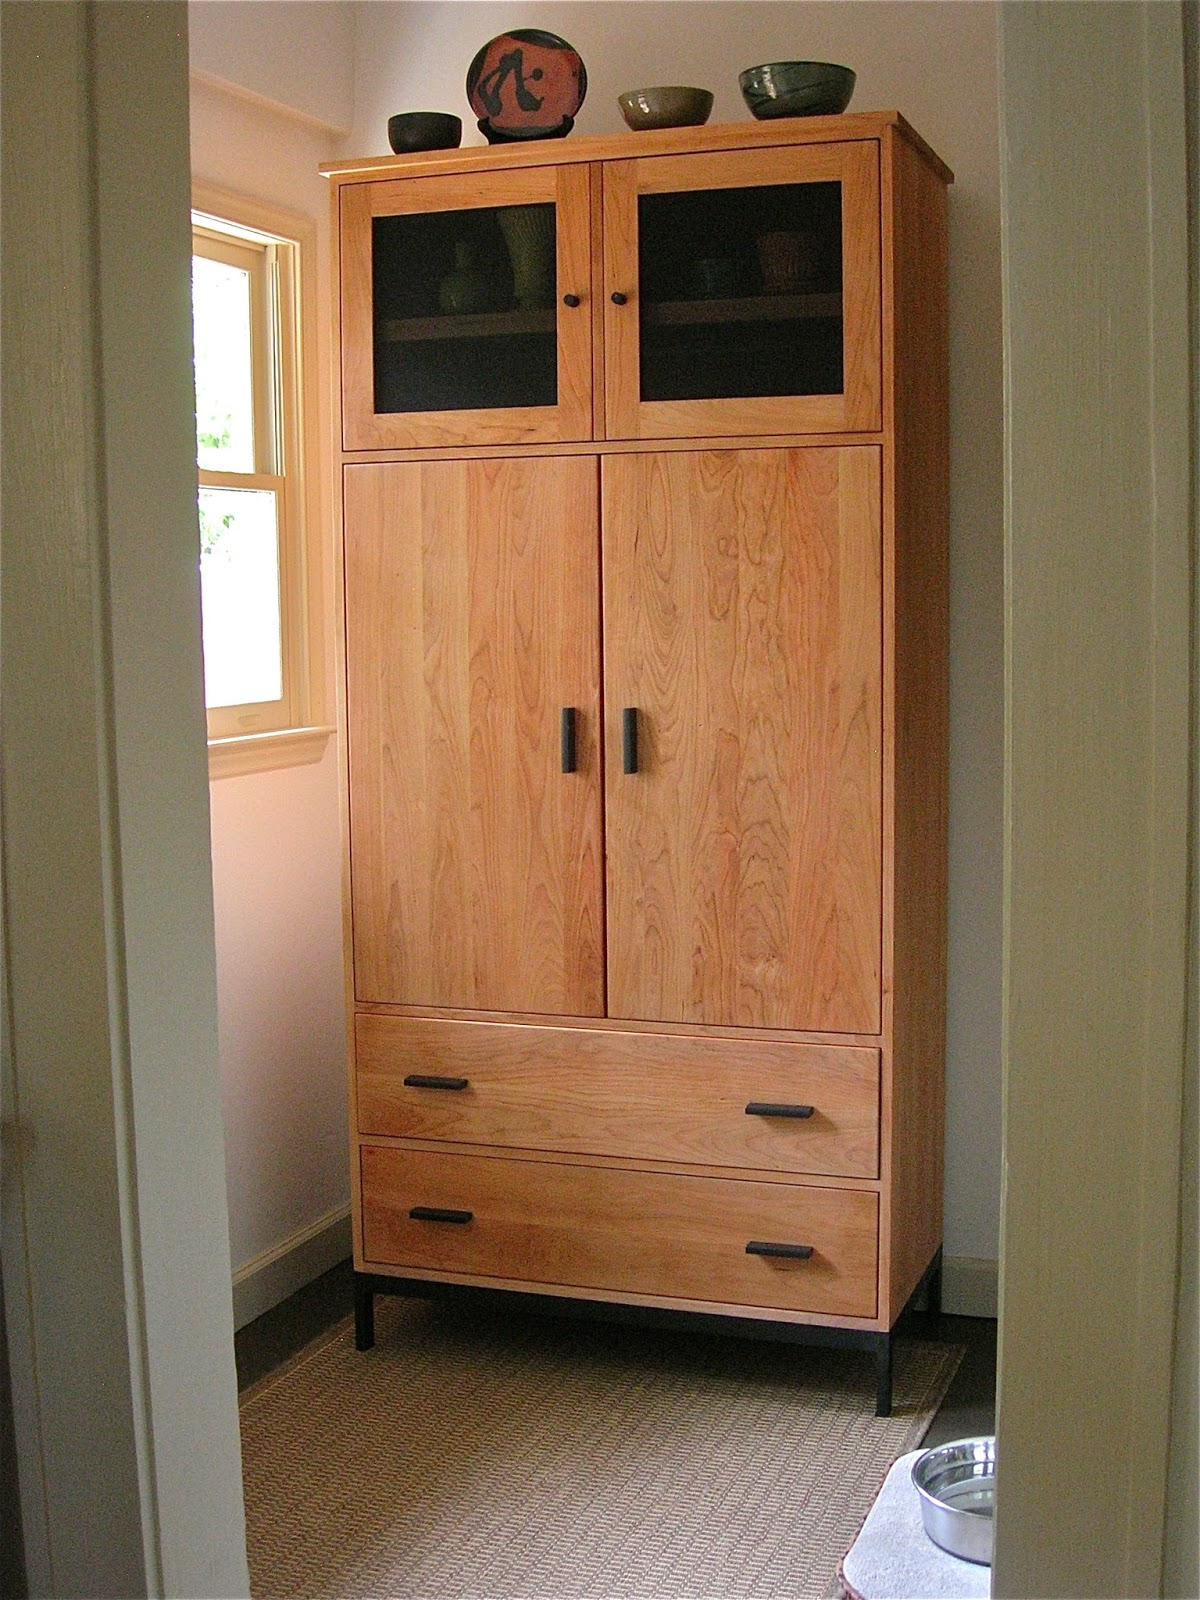 Modular Mudroom Cabinets | Joy Studio Design Gallery ...